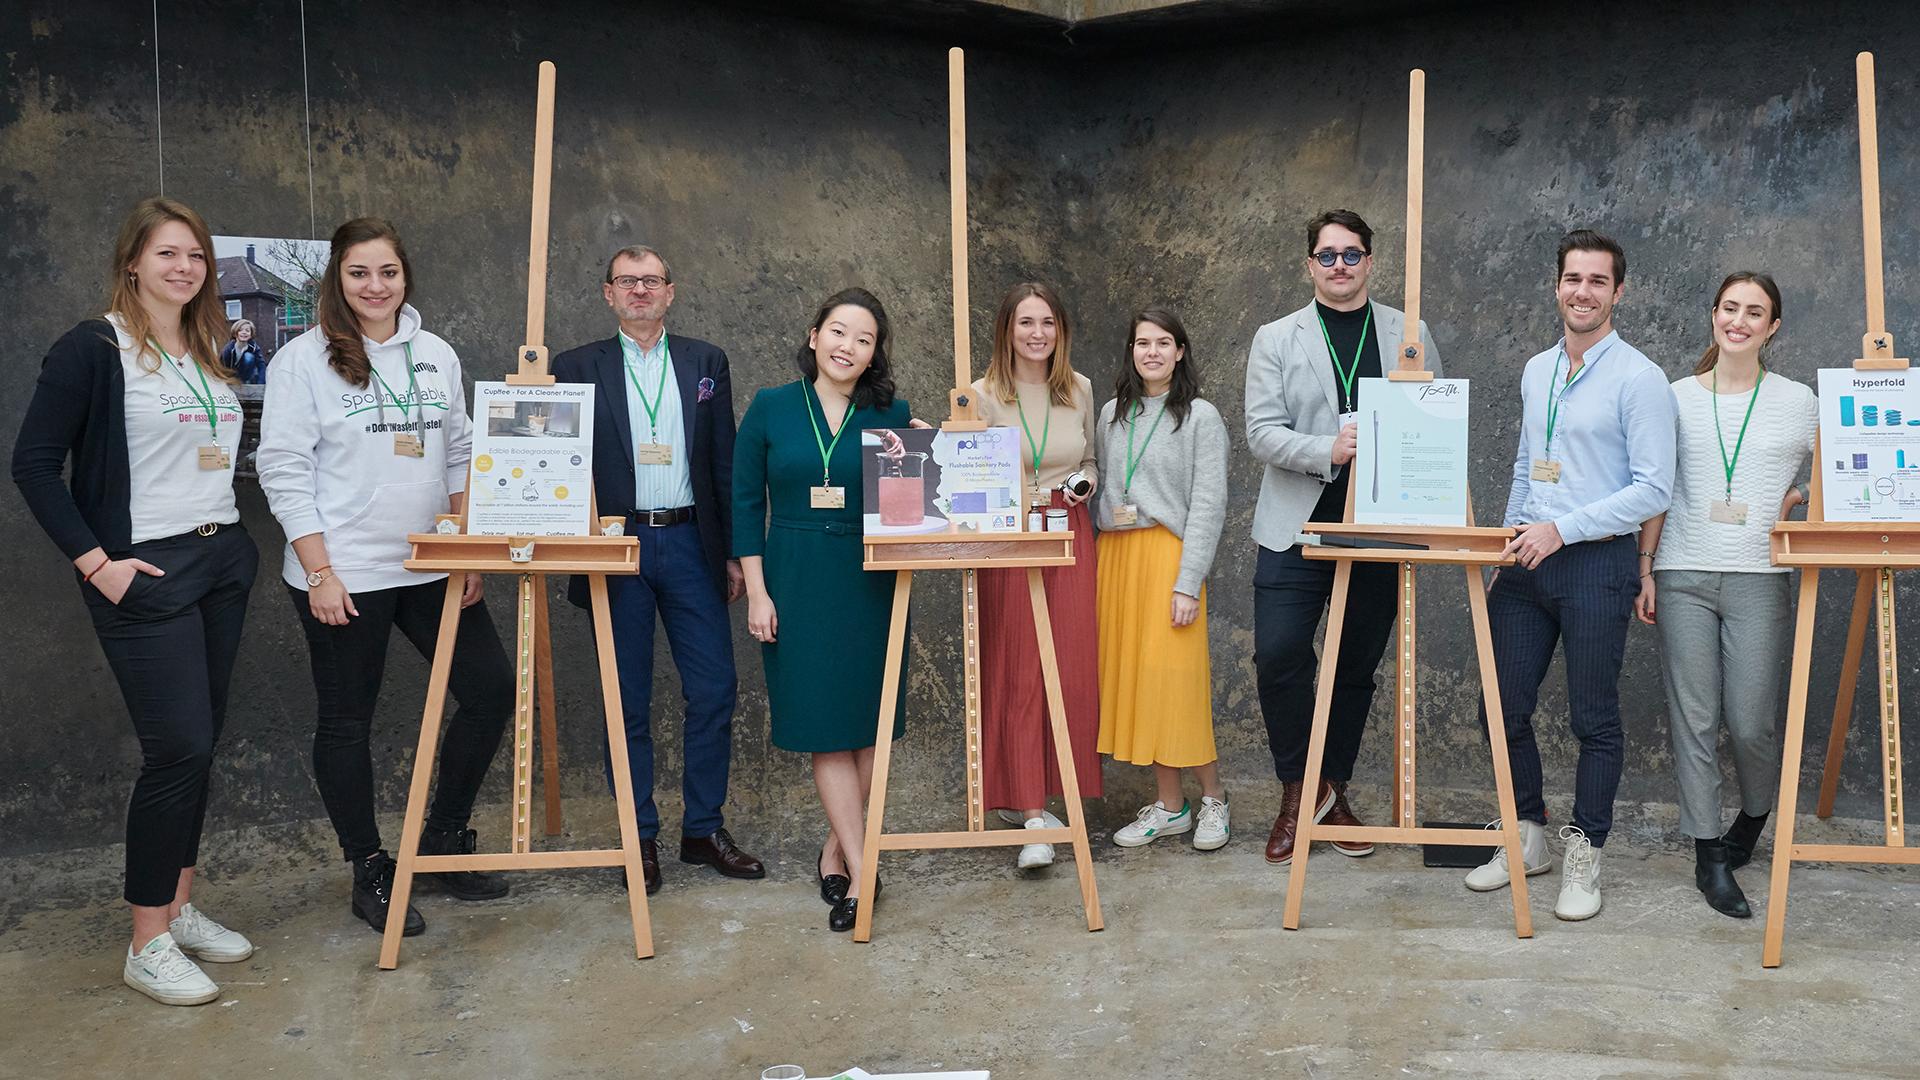 Aldi Sucht Startups Essbare Kaffeebecher Und Zahnbursten Bald Bei Aldi Aldi Sud Blog